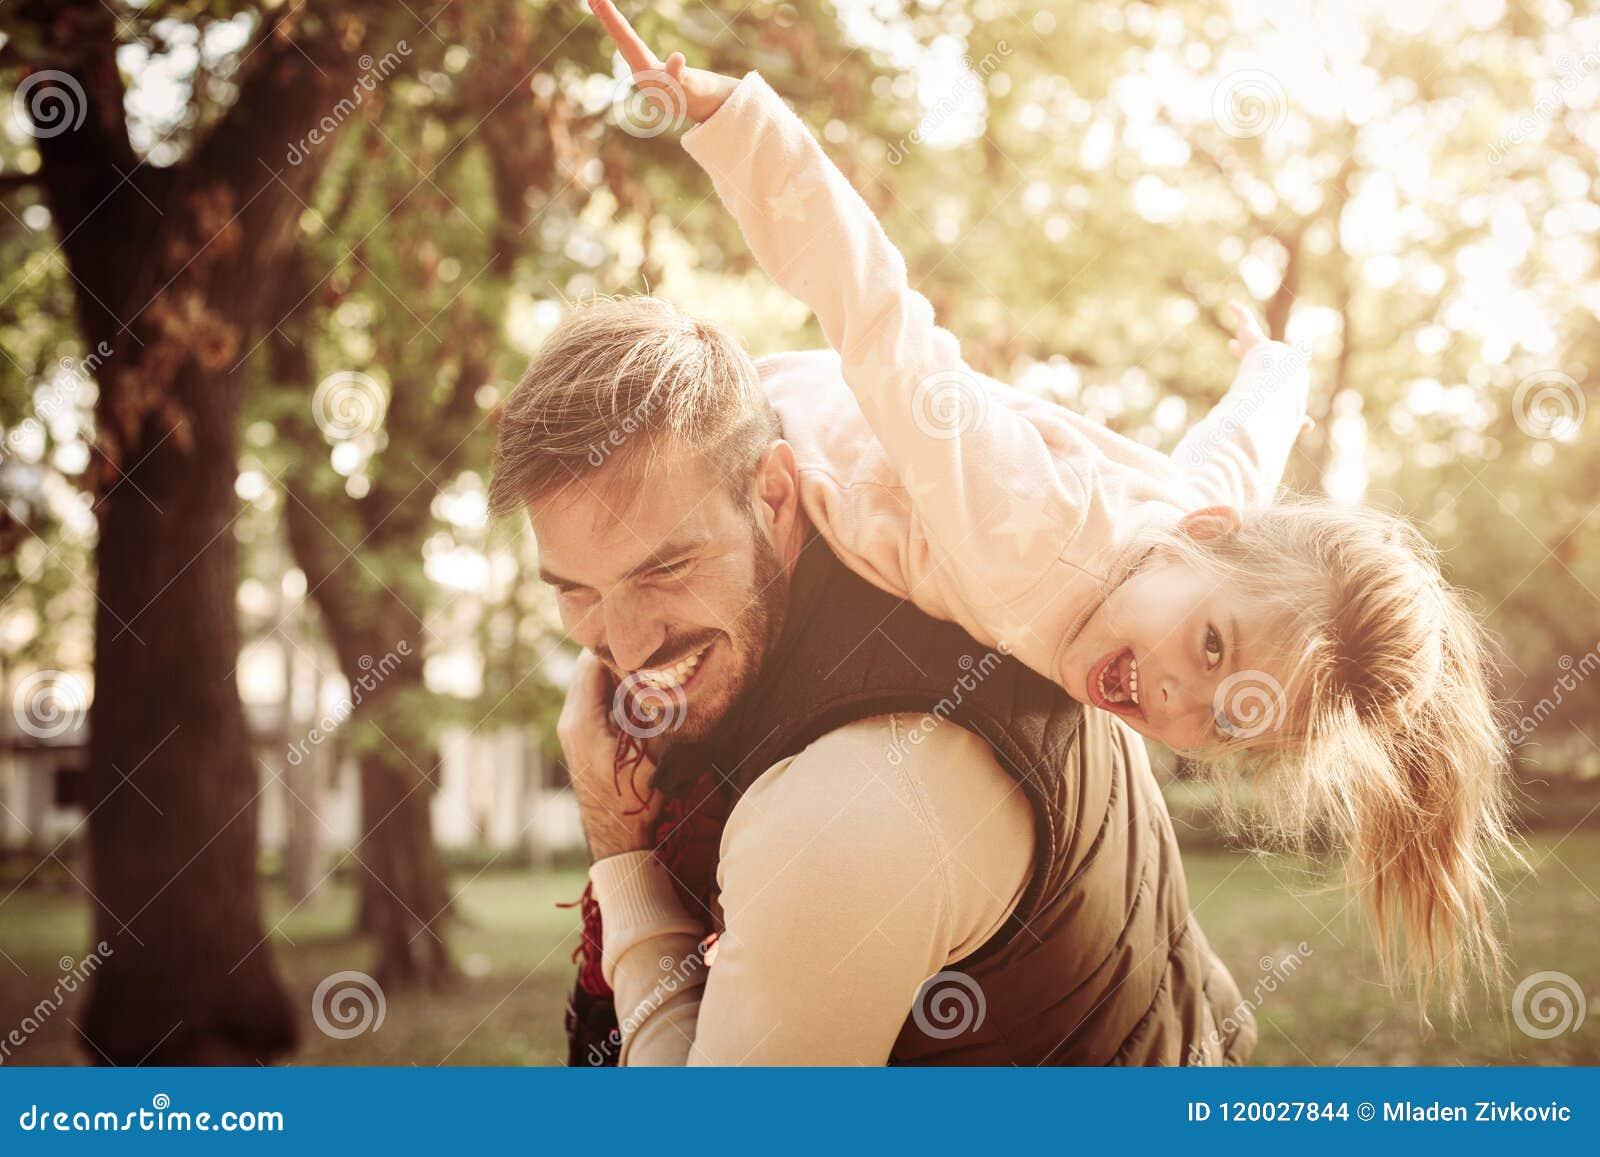 Πατέρας που κρατά την κόρη του στους ώμους και που παίζει